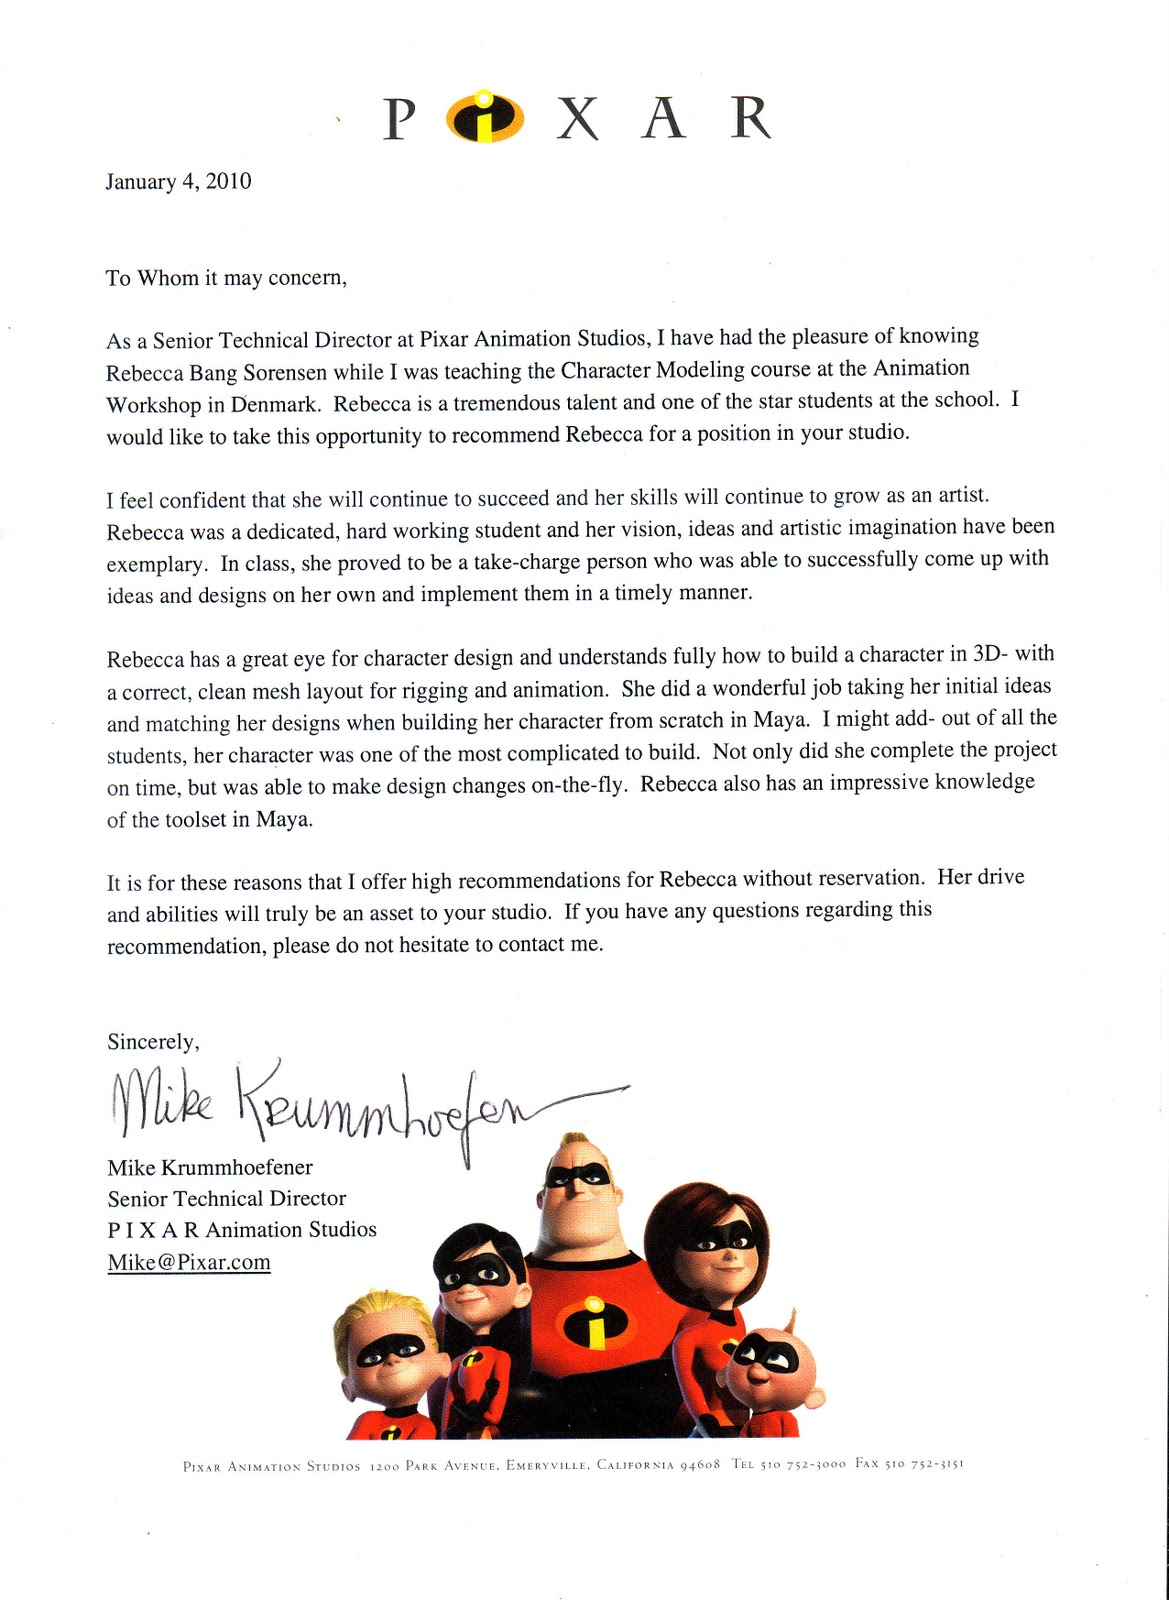 Brian moose pixar resume